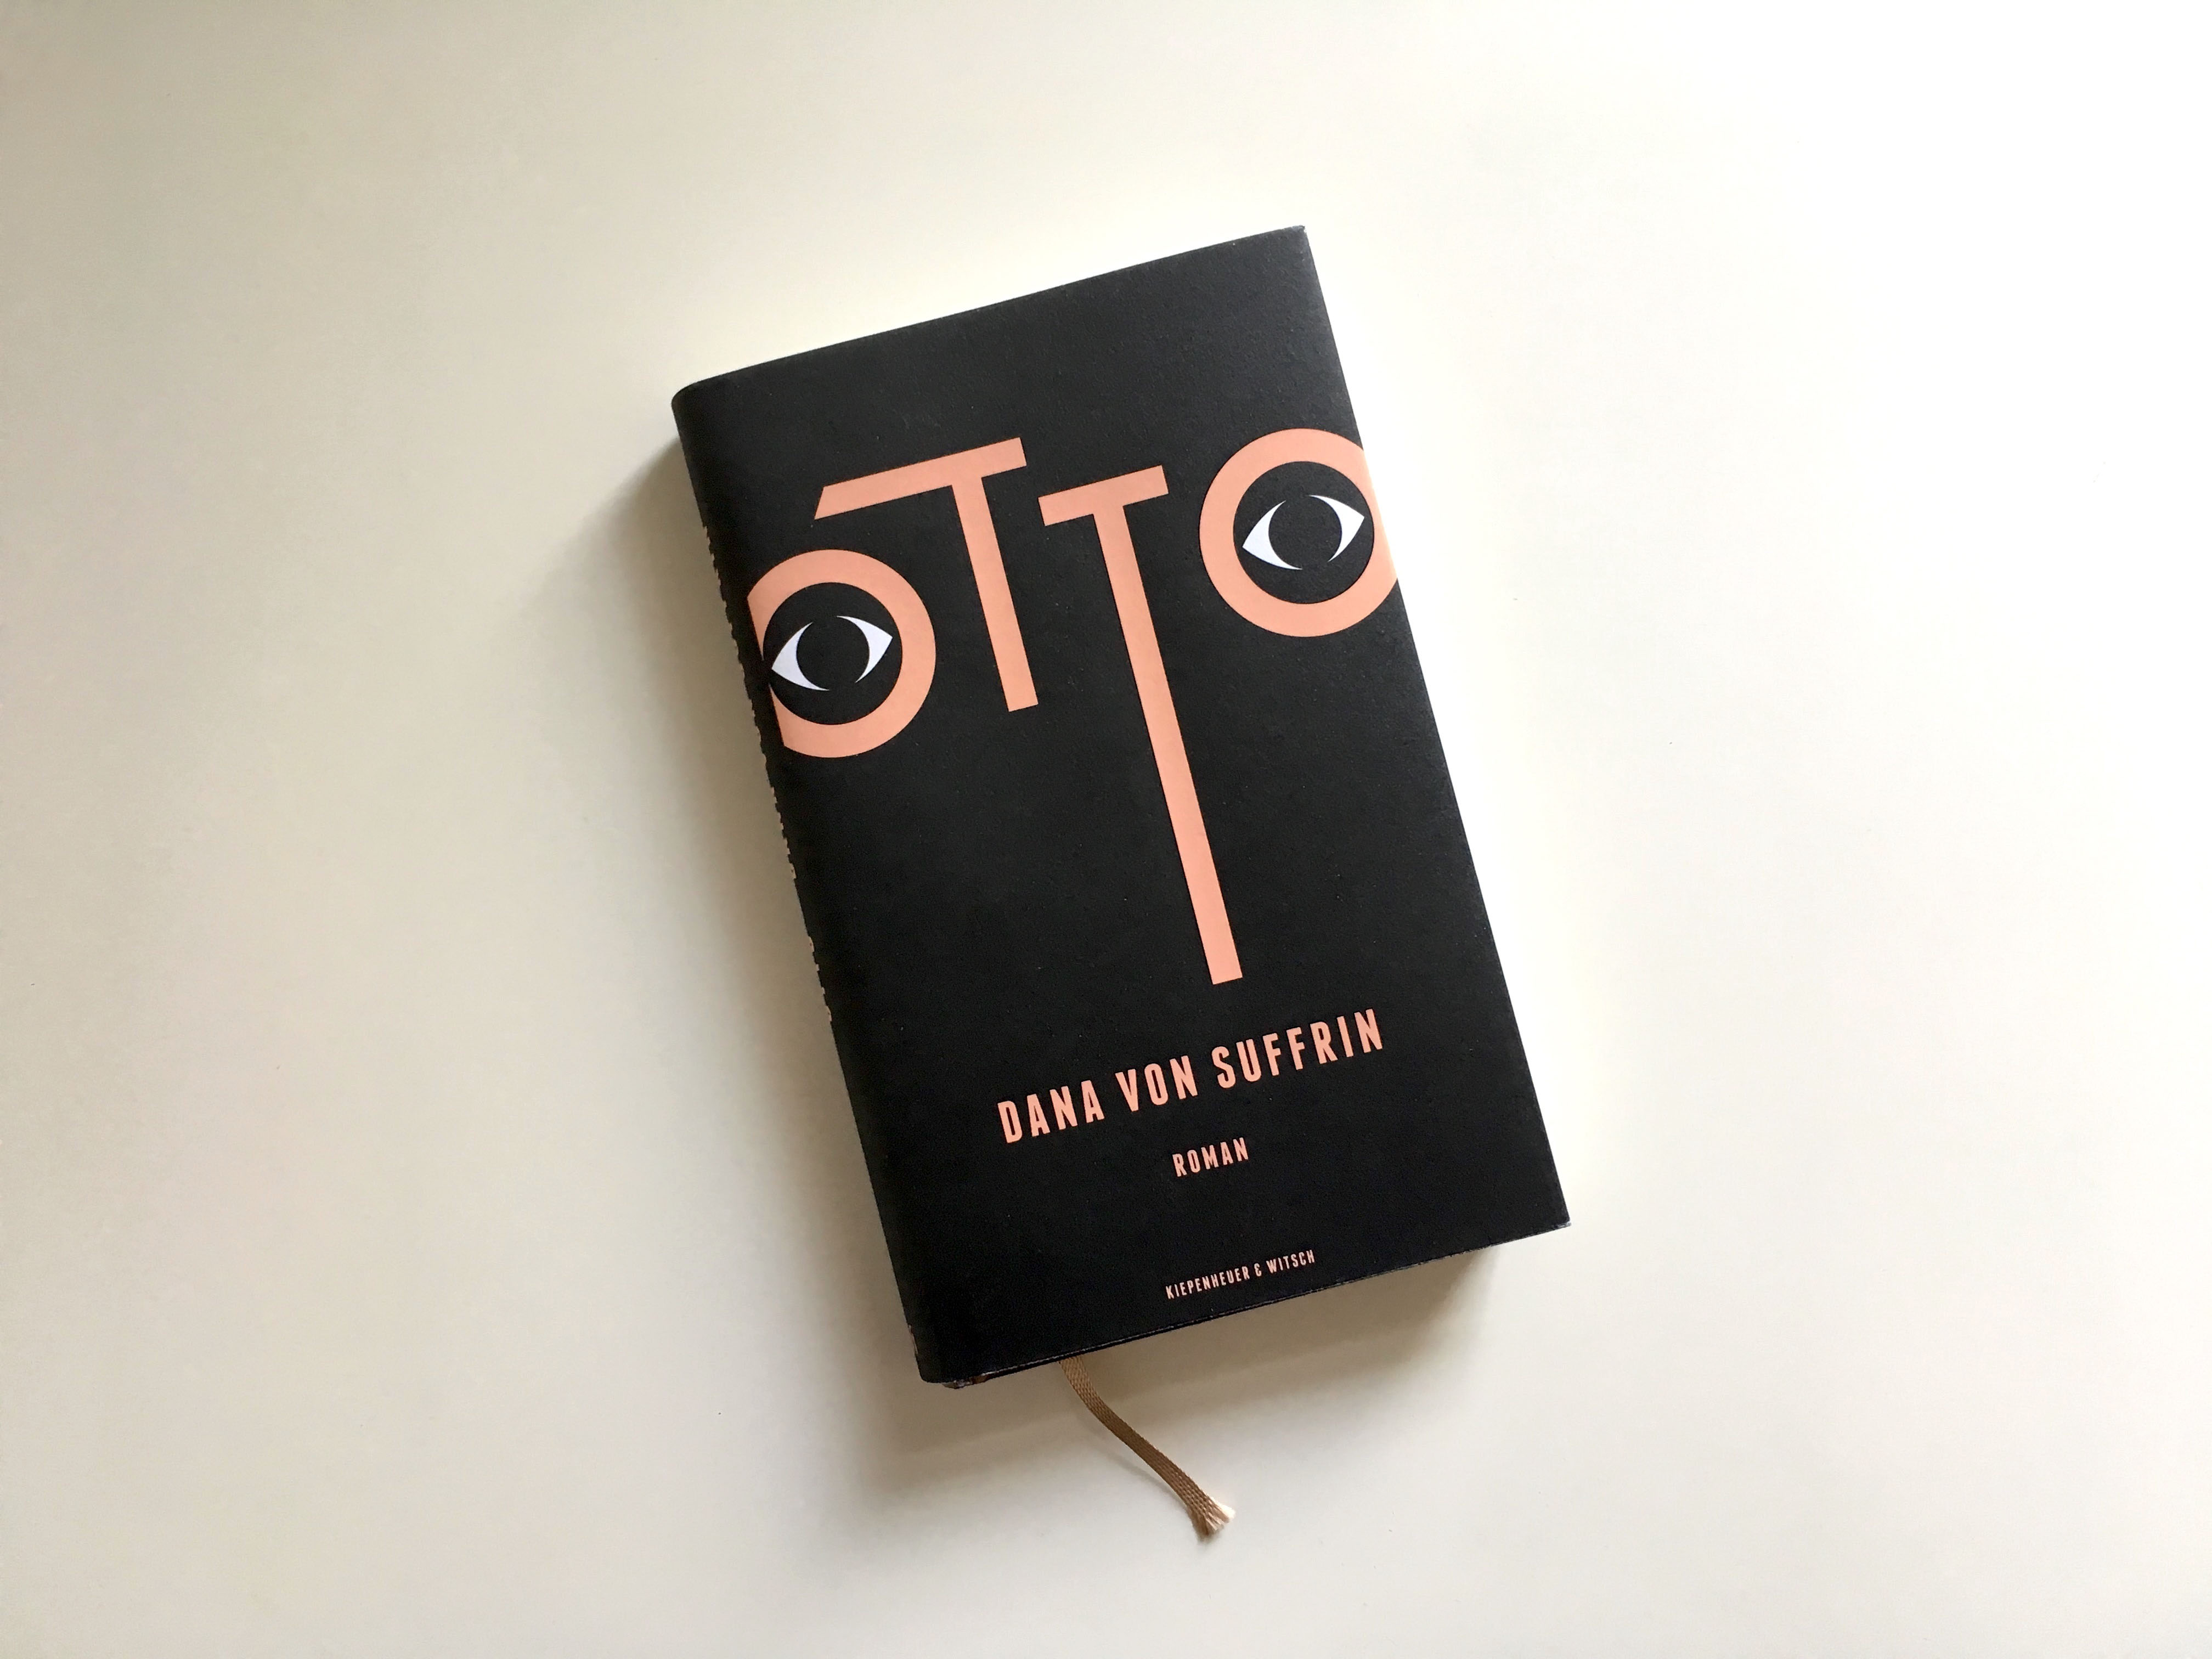 Dana von Suffrin: Otto